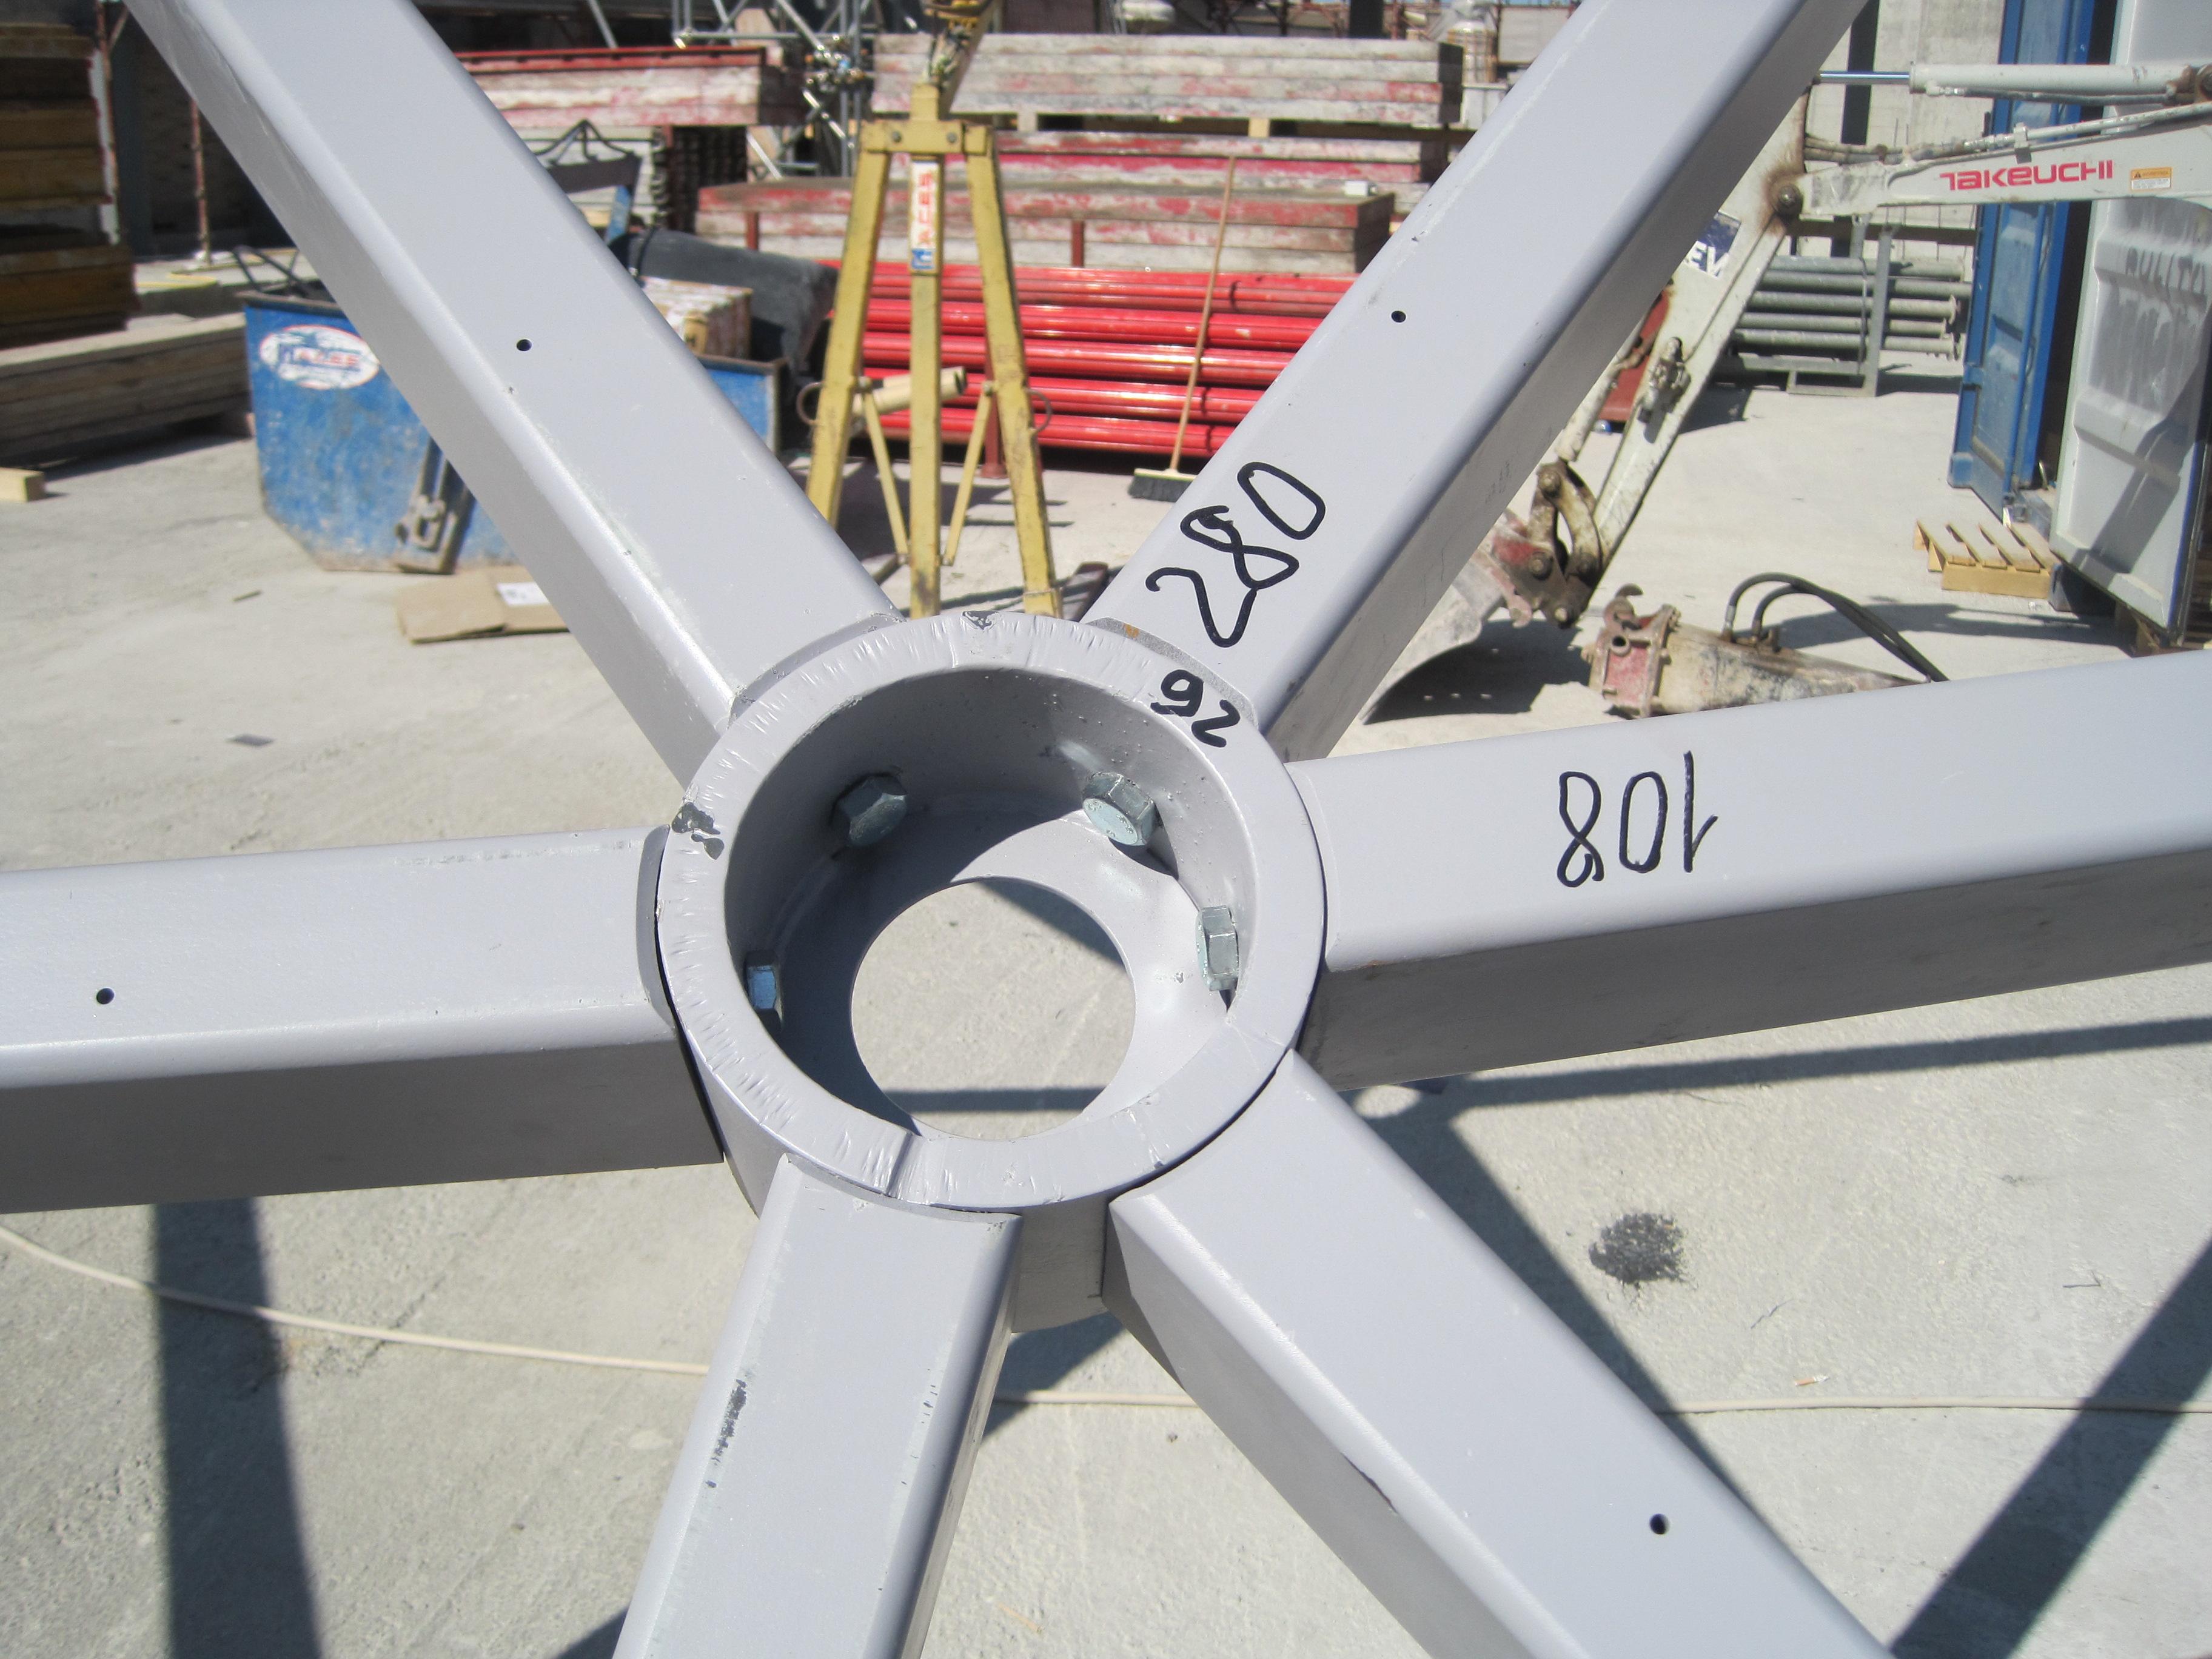 Un dettaglio della struttura in acciaio.